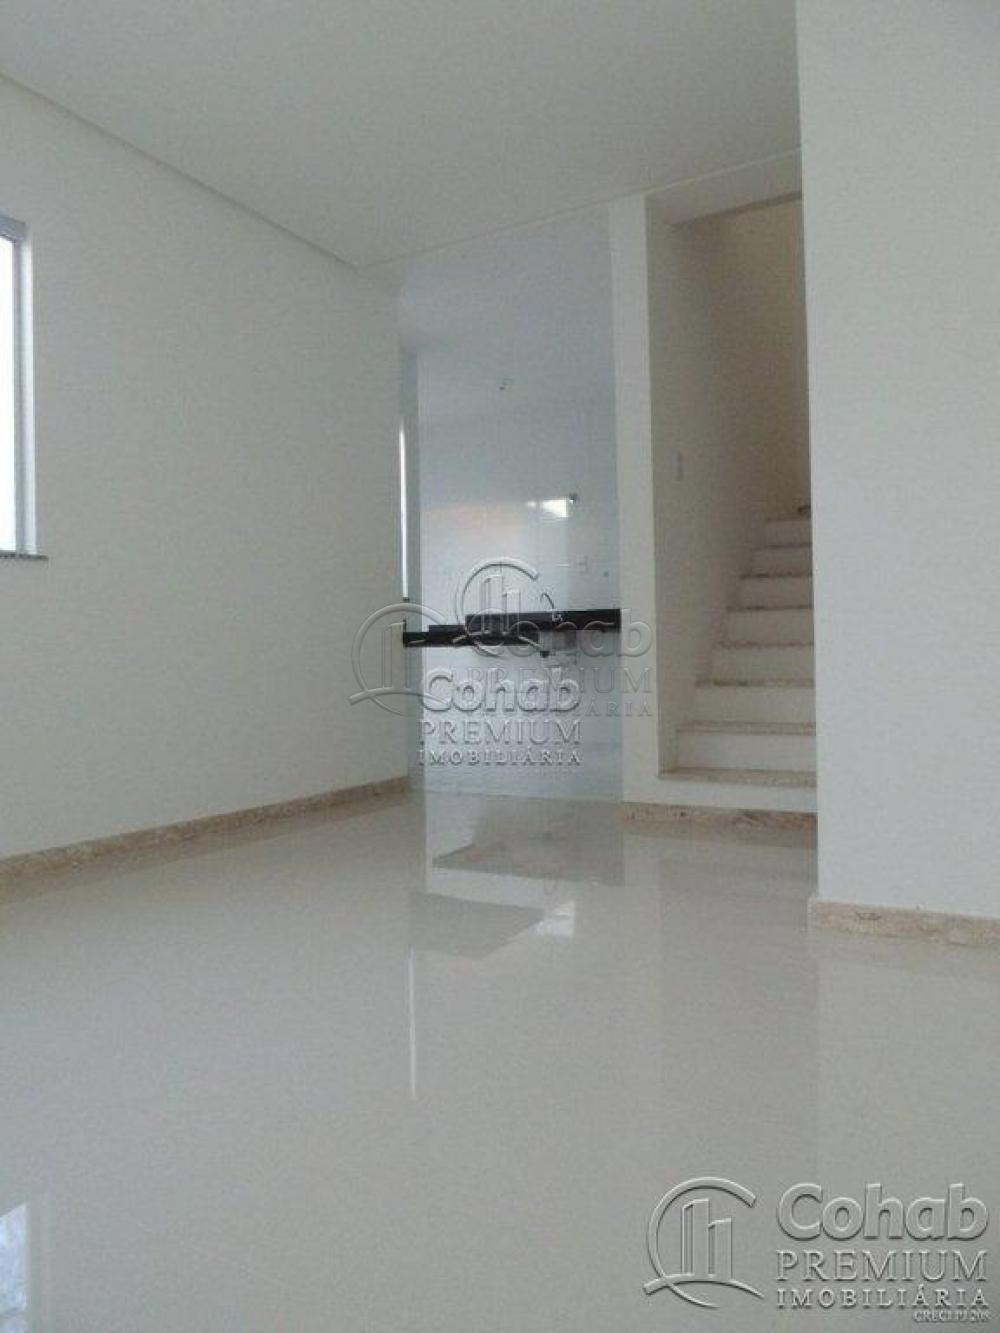 Comprar Casa / Condomínio em Aracaju apenas R$ 320.000,00 - Foto 4